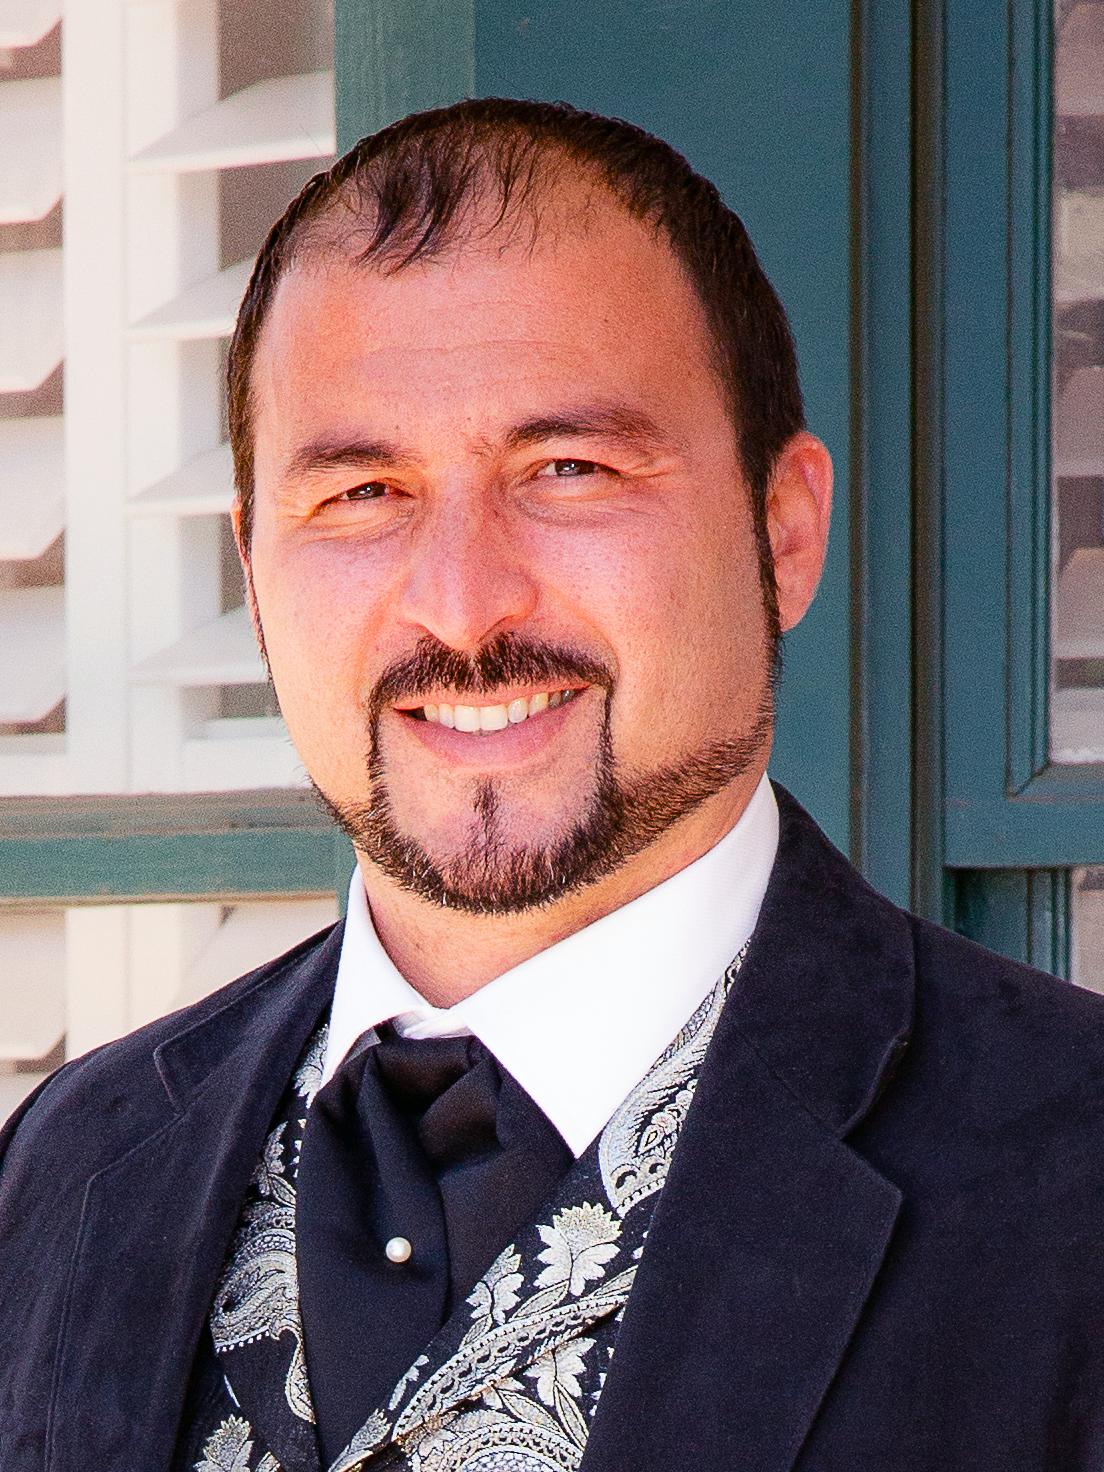 Joshua D. Naggar, Attorney & Broker